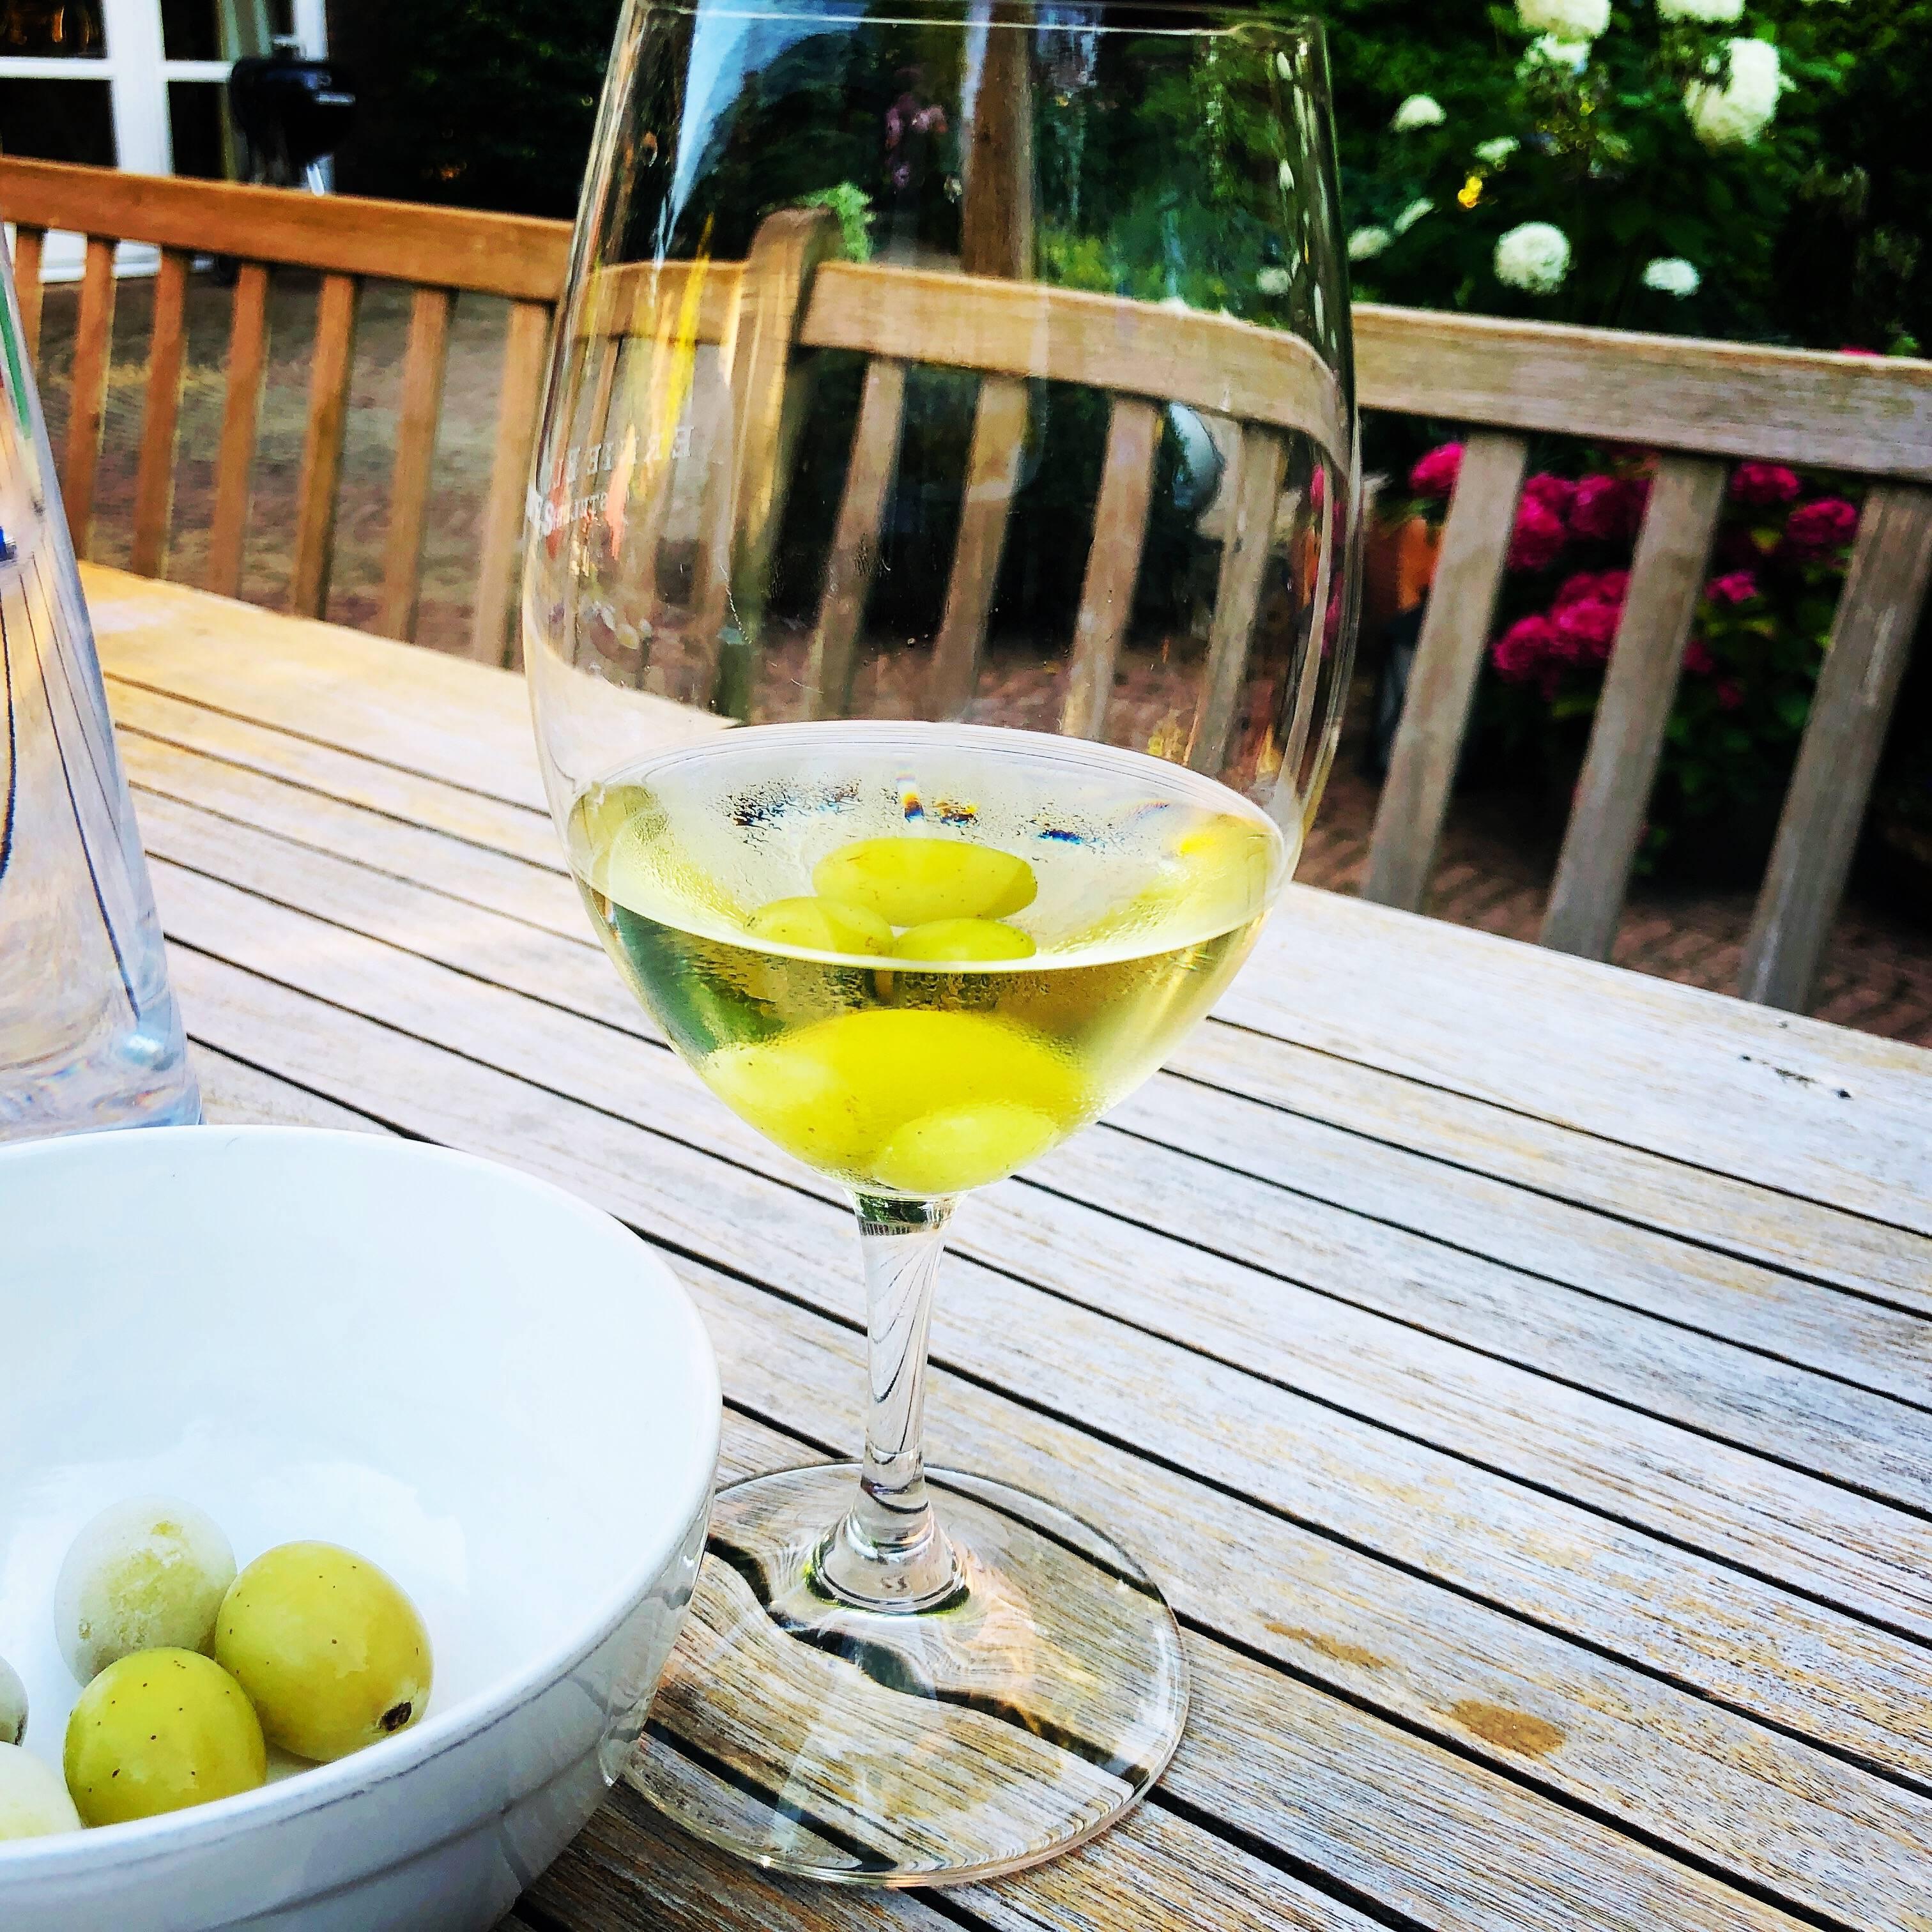 Wijntip: Wijnkoelen met druiven